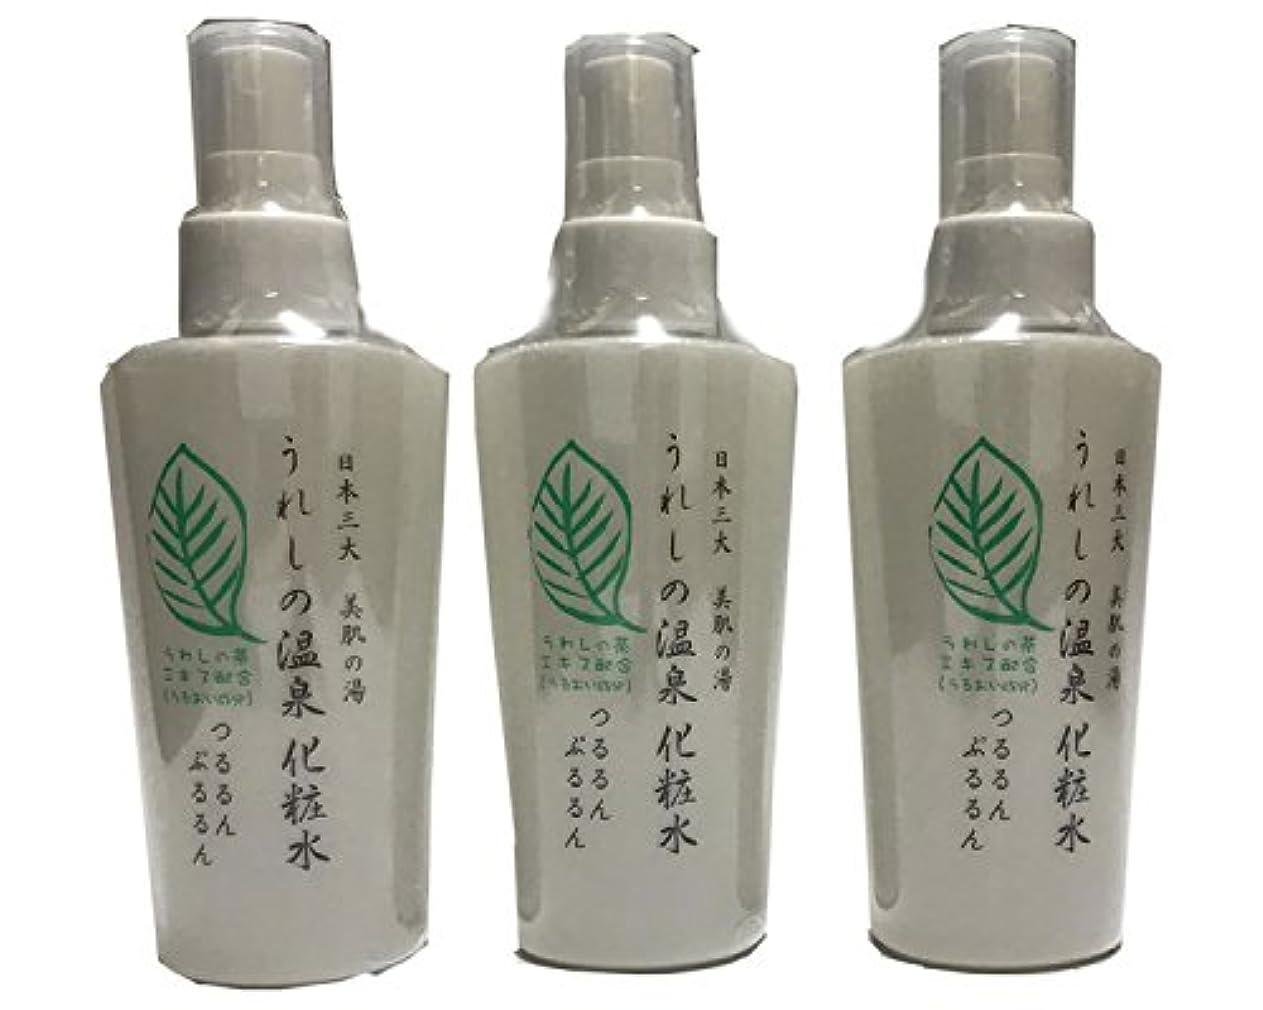 特別にゆりかご用心する嬉野温泉 うれしの温泉化粧水 3本セット